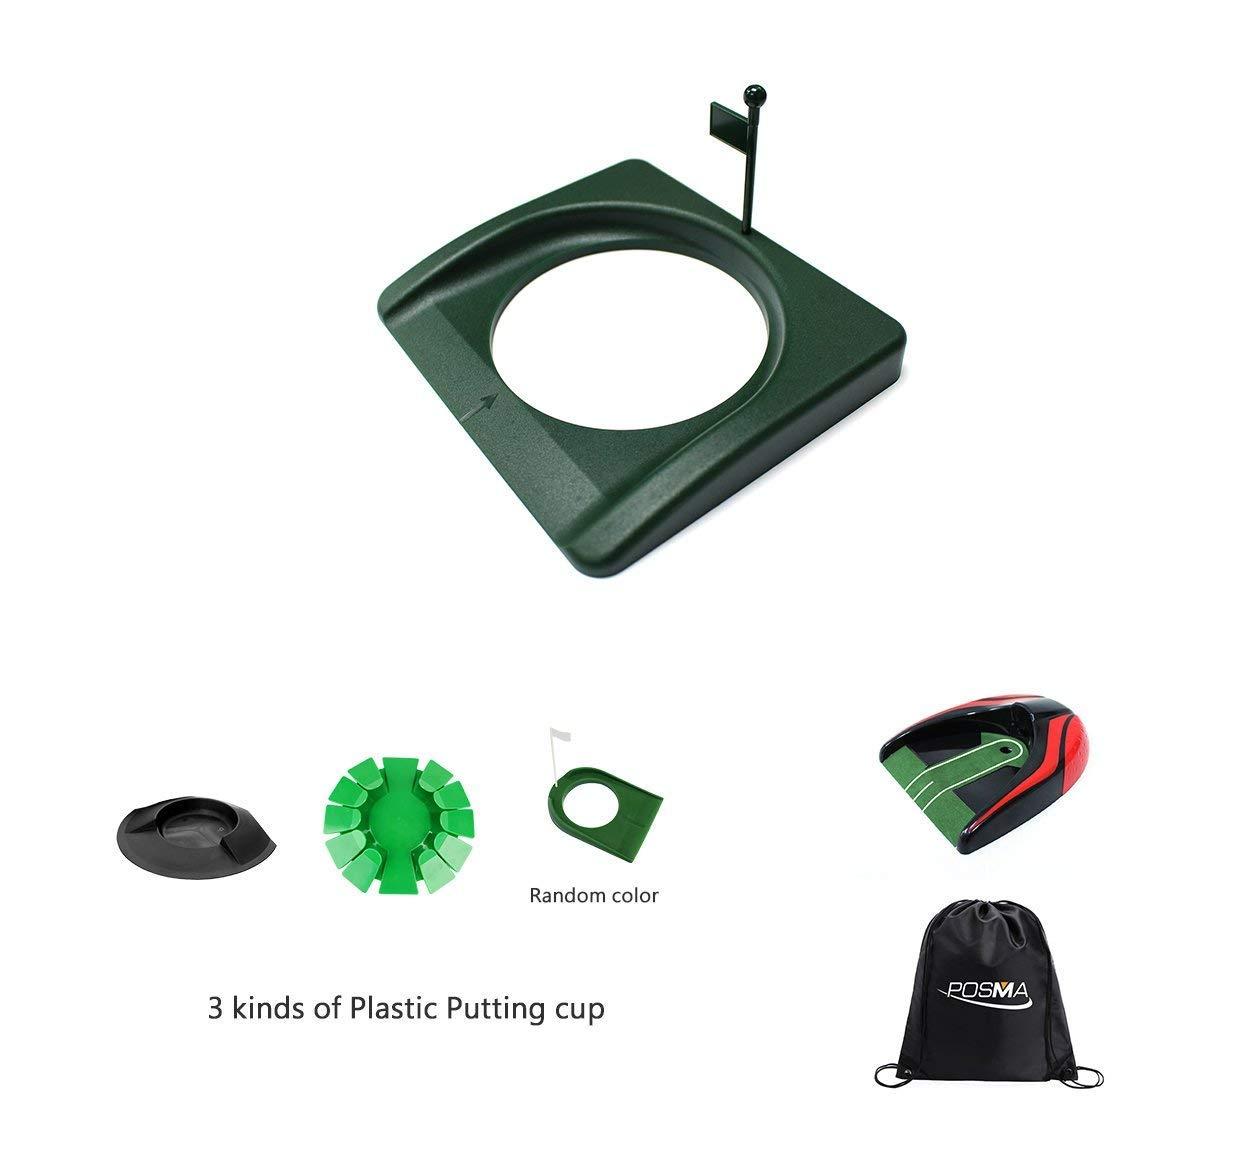 POSMA PHS015プラスチック練習パッティングカップゴルフホールトレーニングエイドセット、パッティングカップ、リターンパッティングカップ、キャリーバッグ   B07H1GPHHN